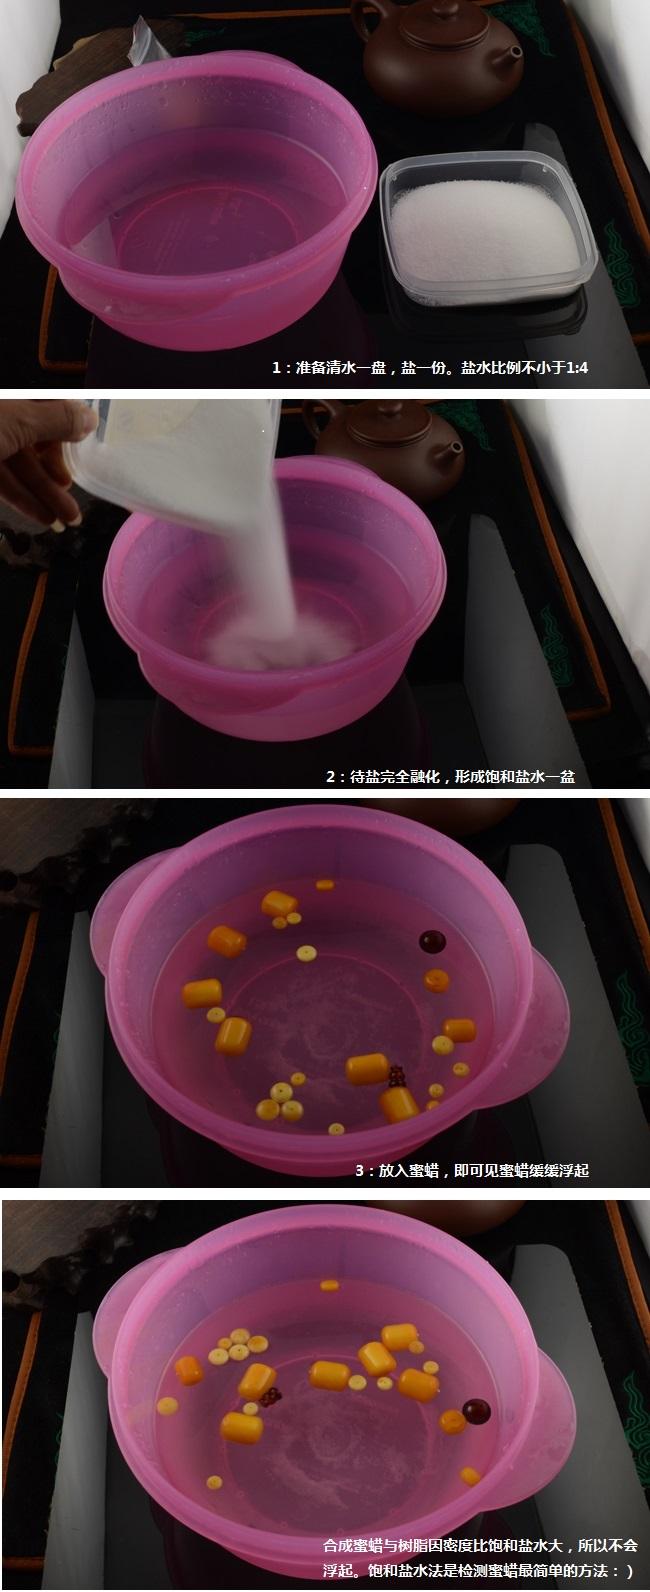 琥珀,蜜蜡鉴别方法略谈 海南黄花梨 小叶紫檀